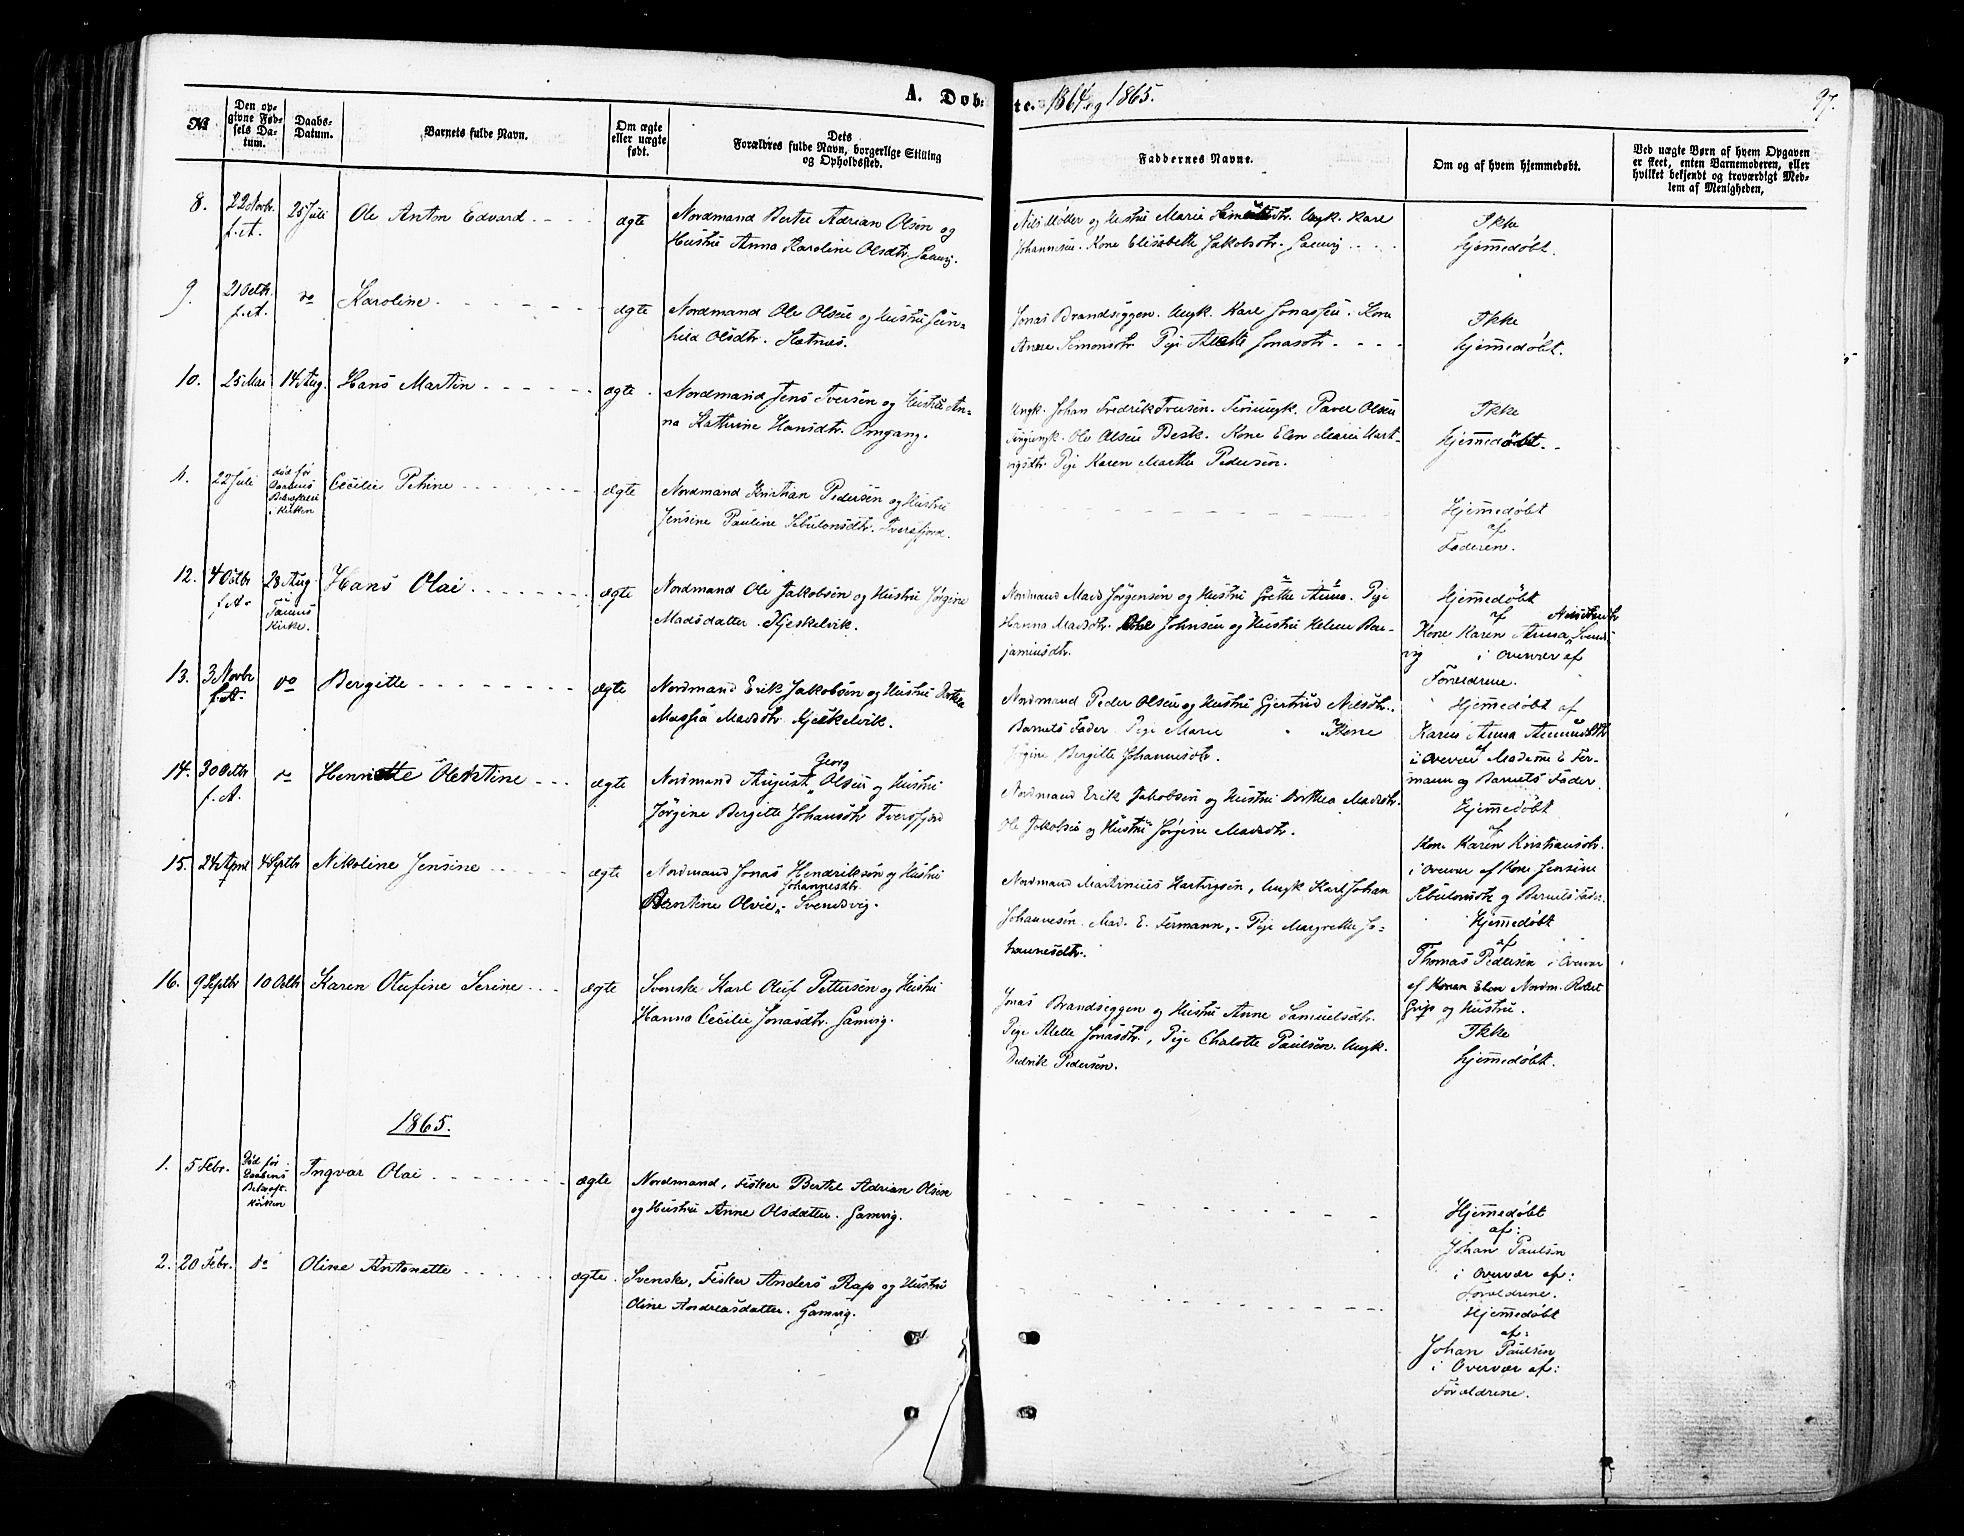 SATØ, Tana sokneprestkontor, H/Ha/L0002kirke: Ministerialbok nr. 2 /2, 1862-1877, s. 97